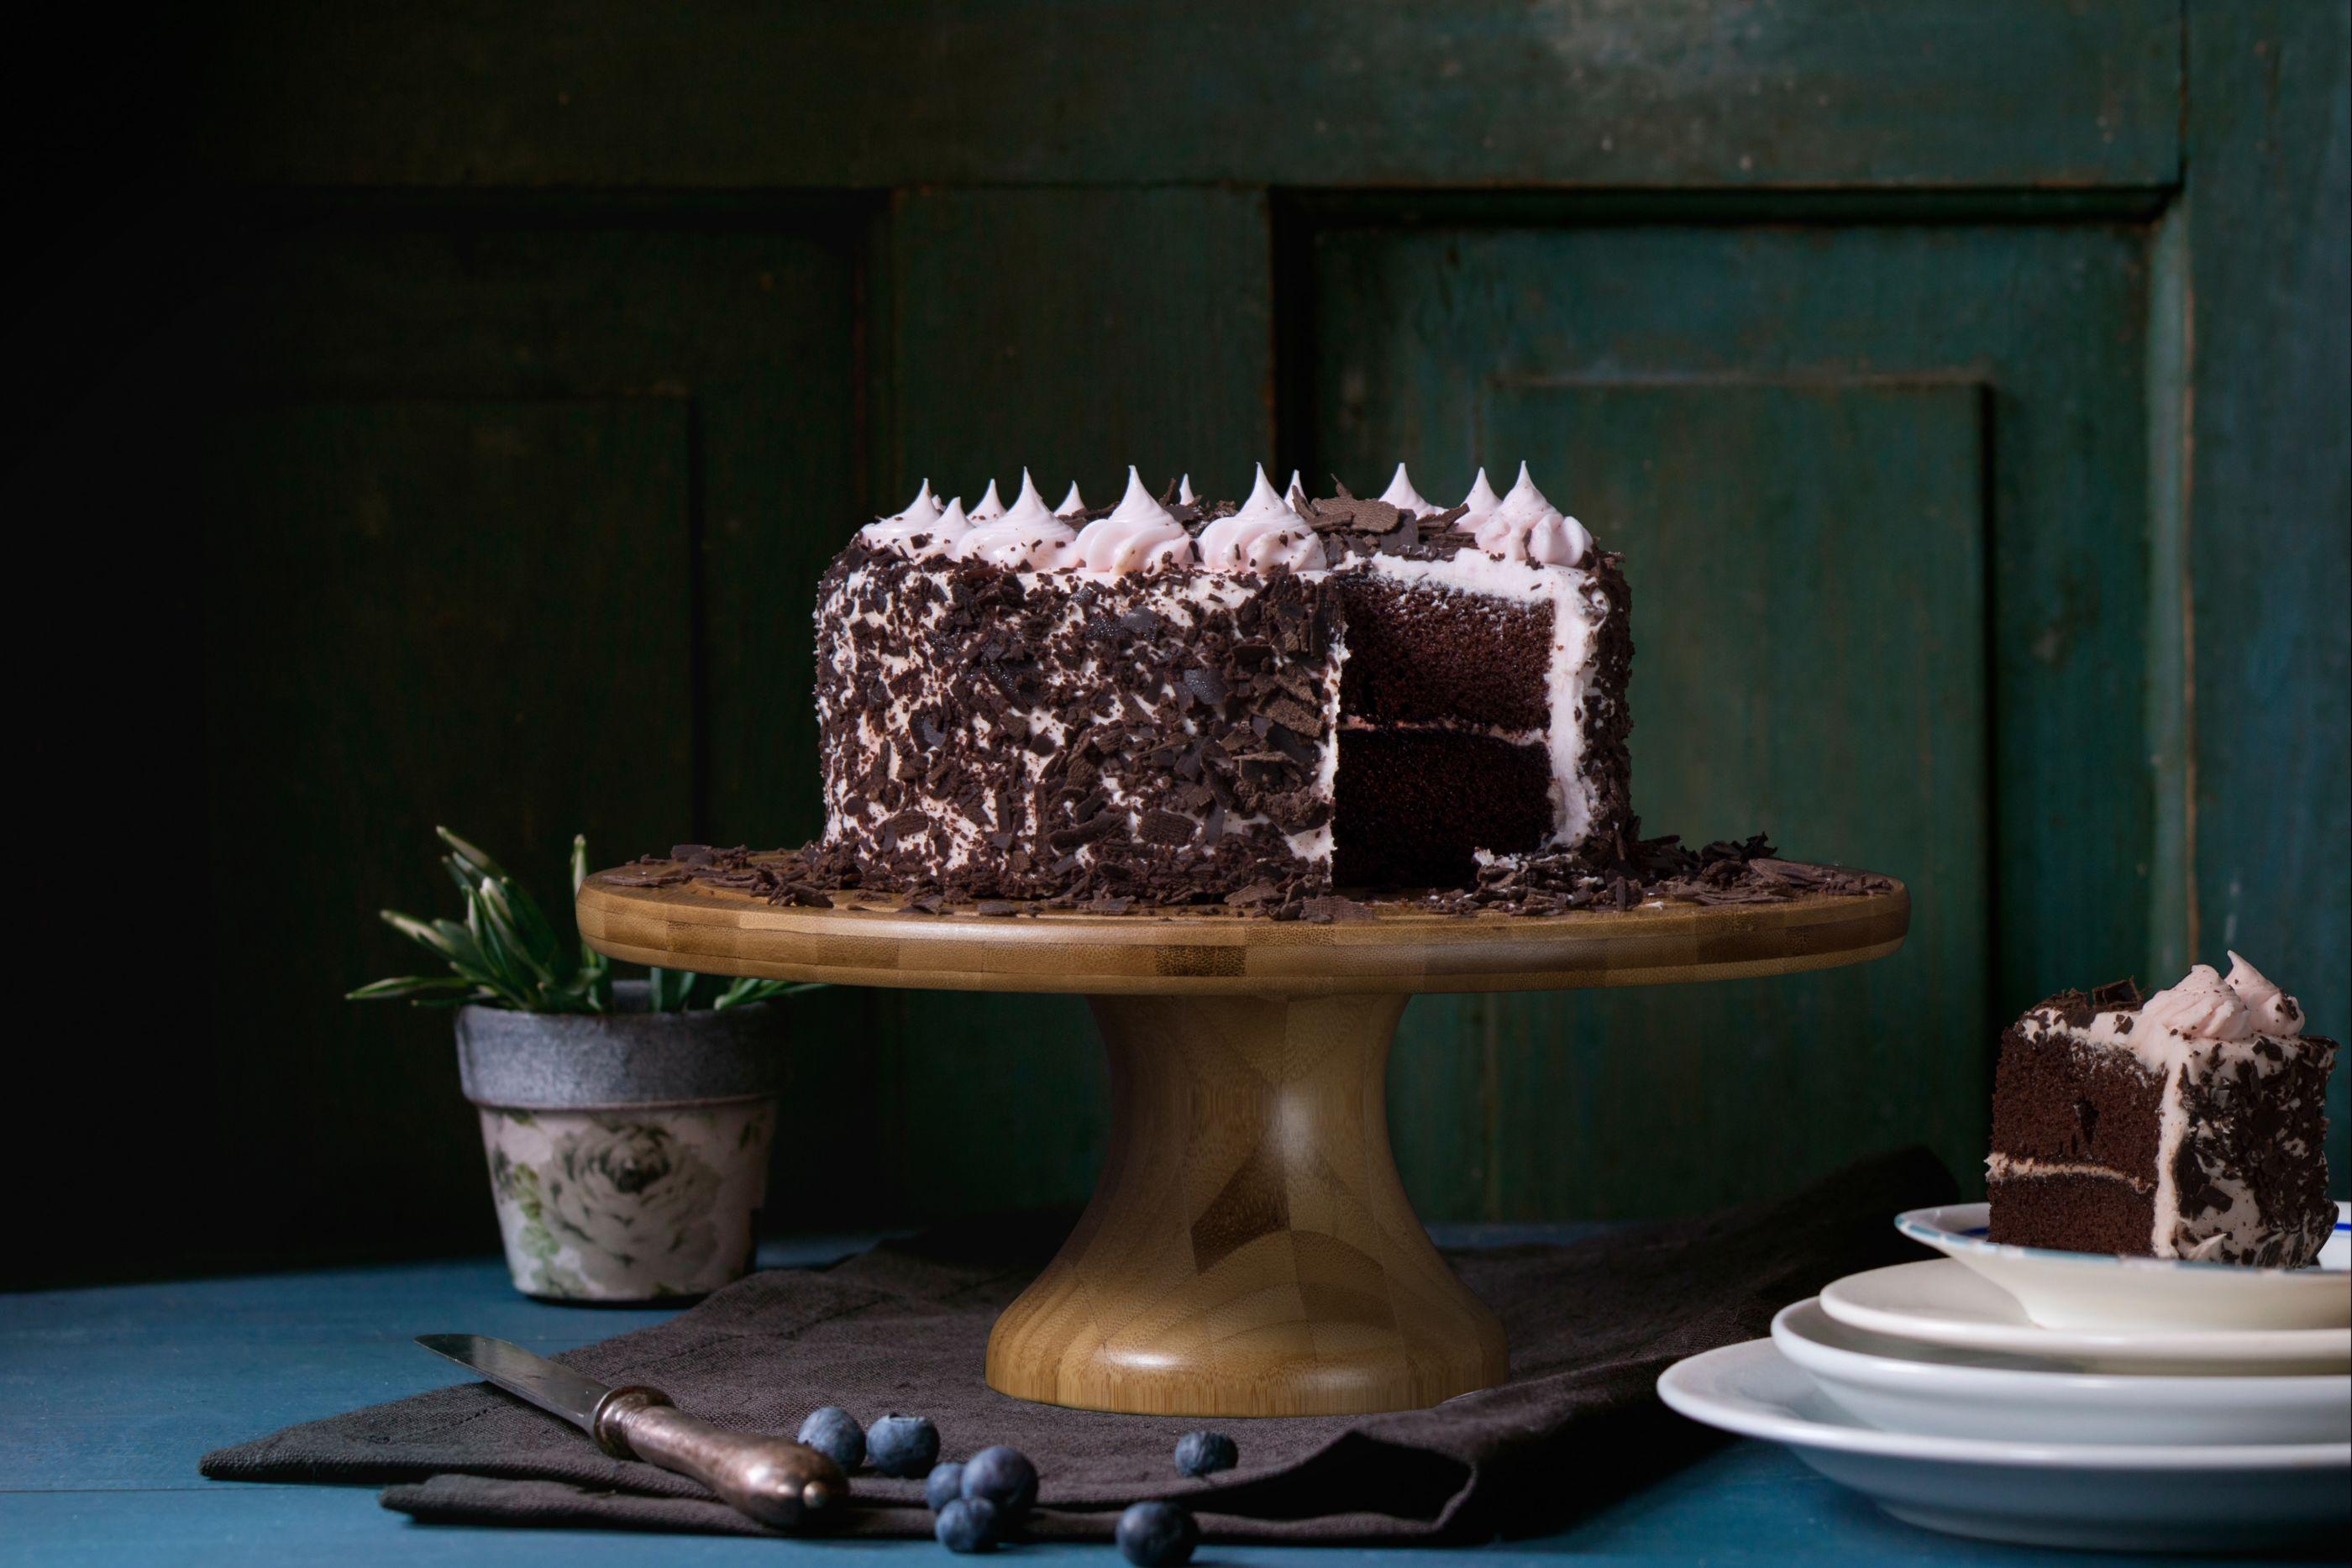 7 lugares que llevan deliciosos pasteles a domicilio en la CDMX - Food &  Pleasure